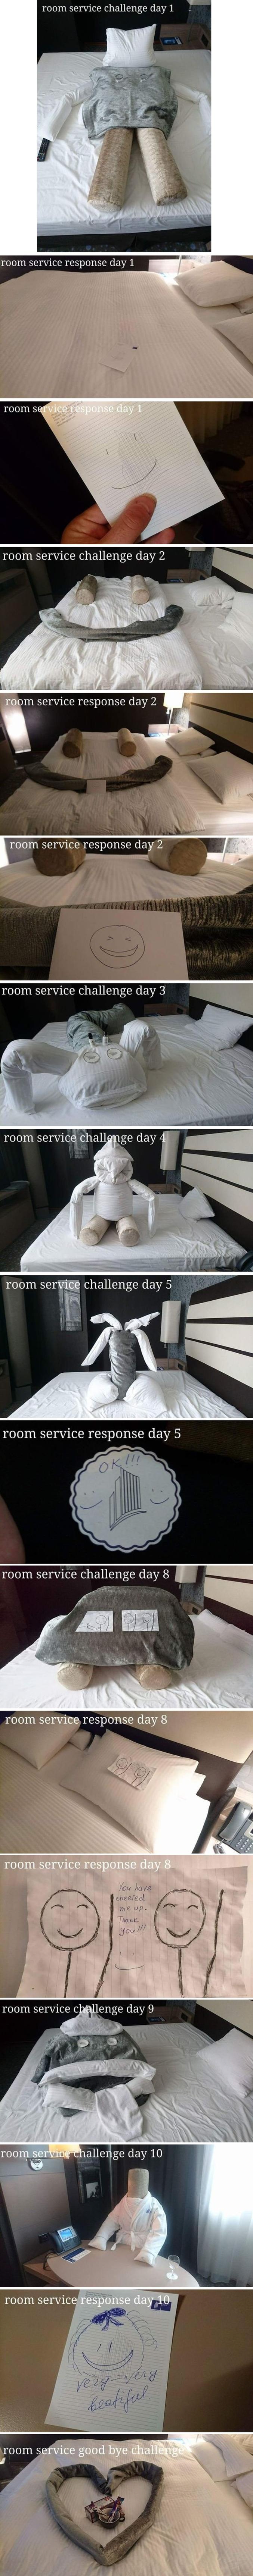 Un échange dans un hôtel entre un client et les femmes de chambre.